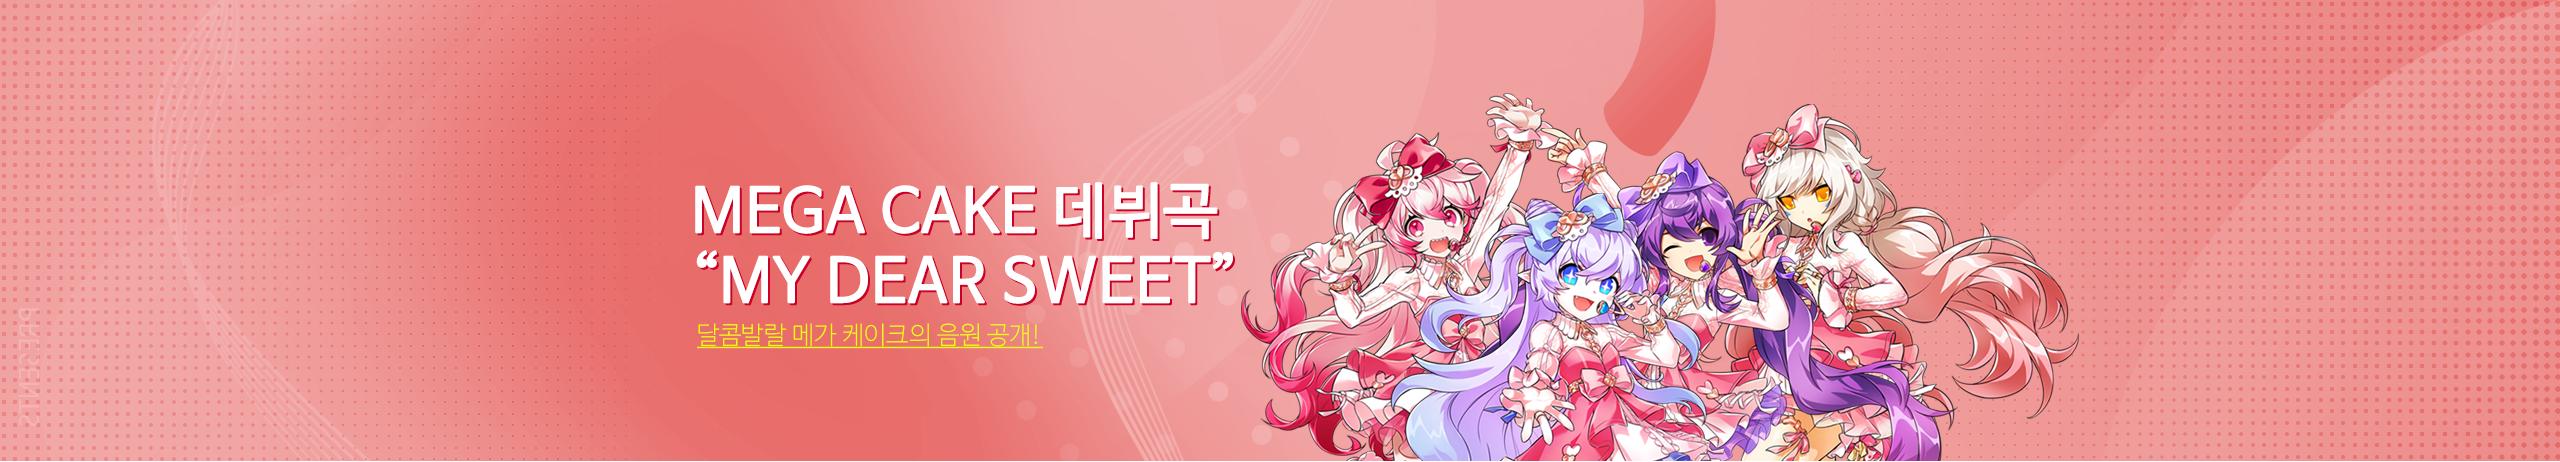 메가 케이크 음원 발매 이동